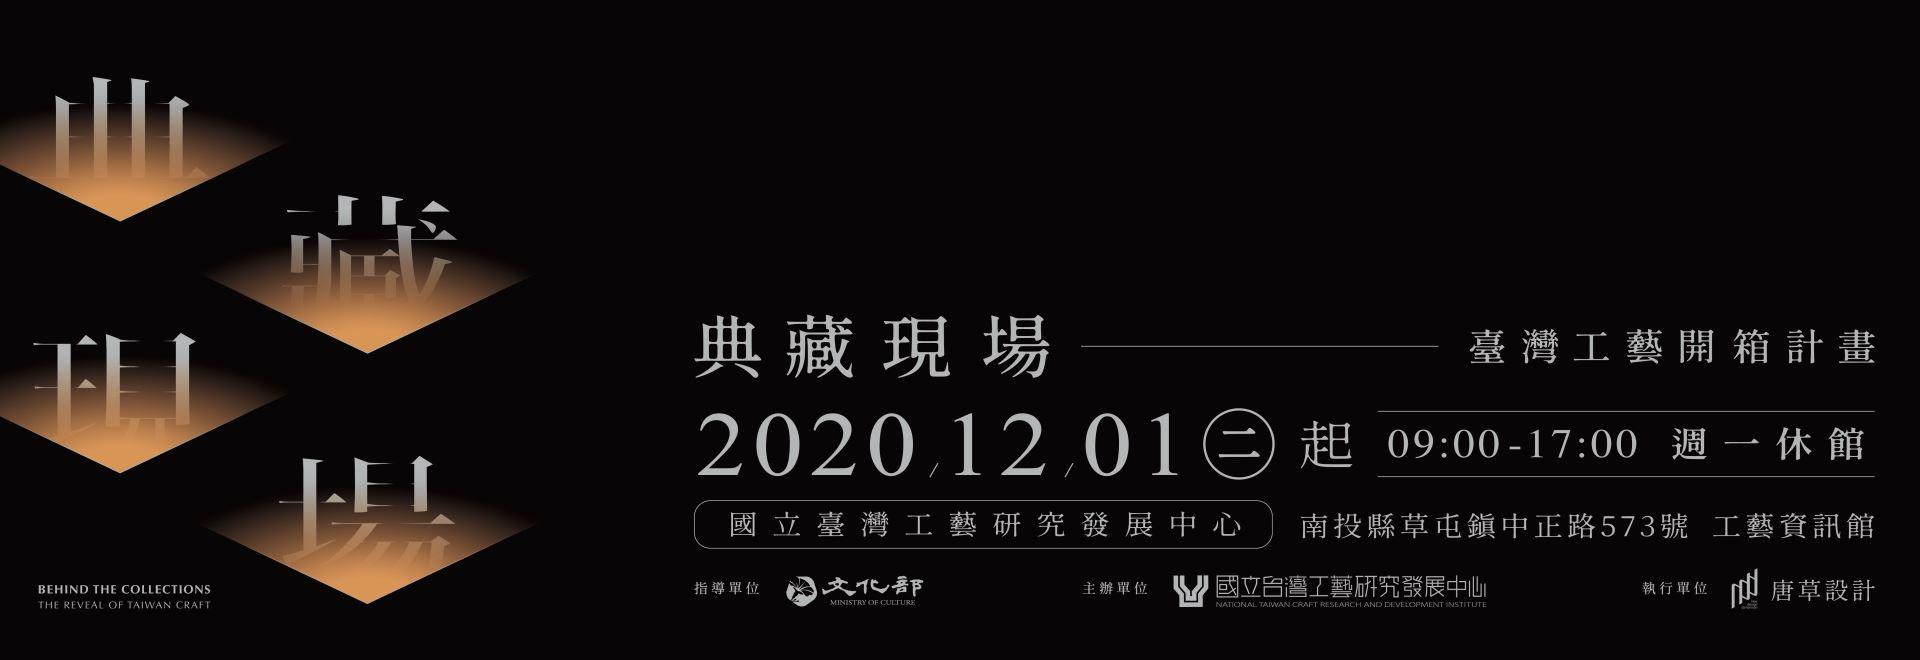 典藏現場-台灣工藝開箱計畫「另開新視窗」